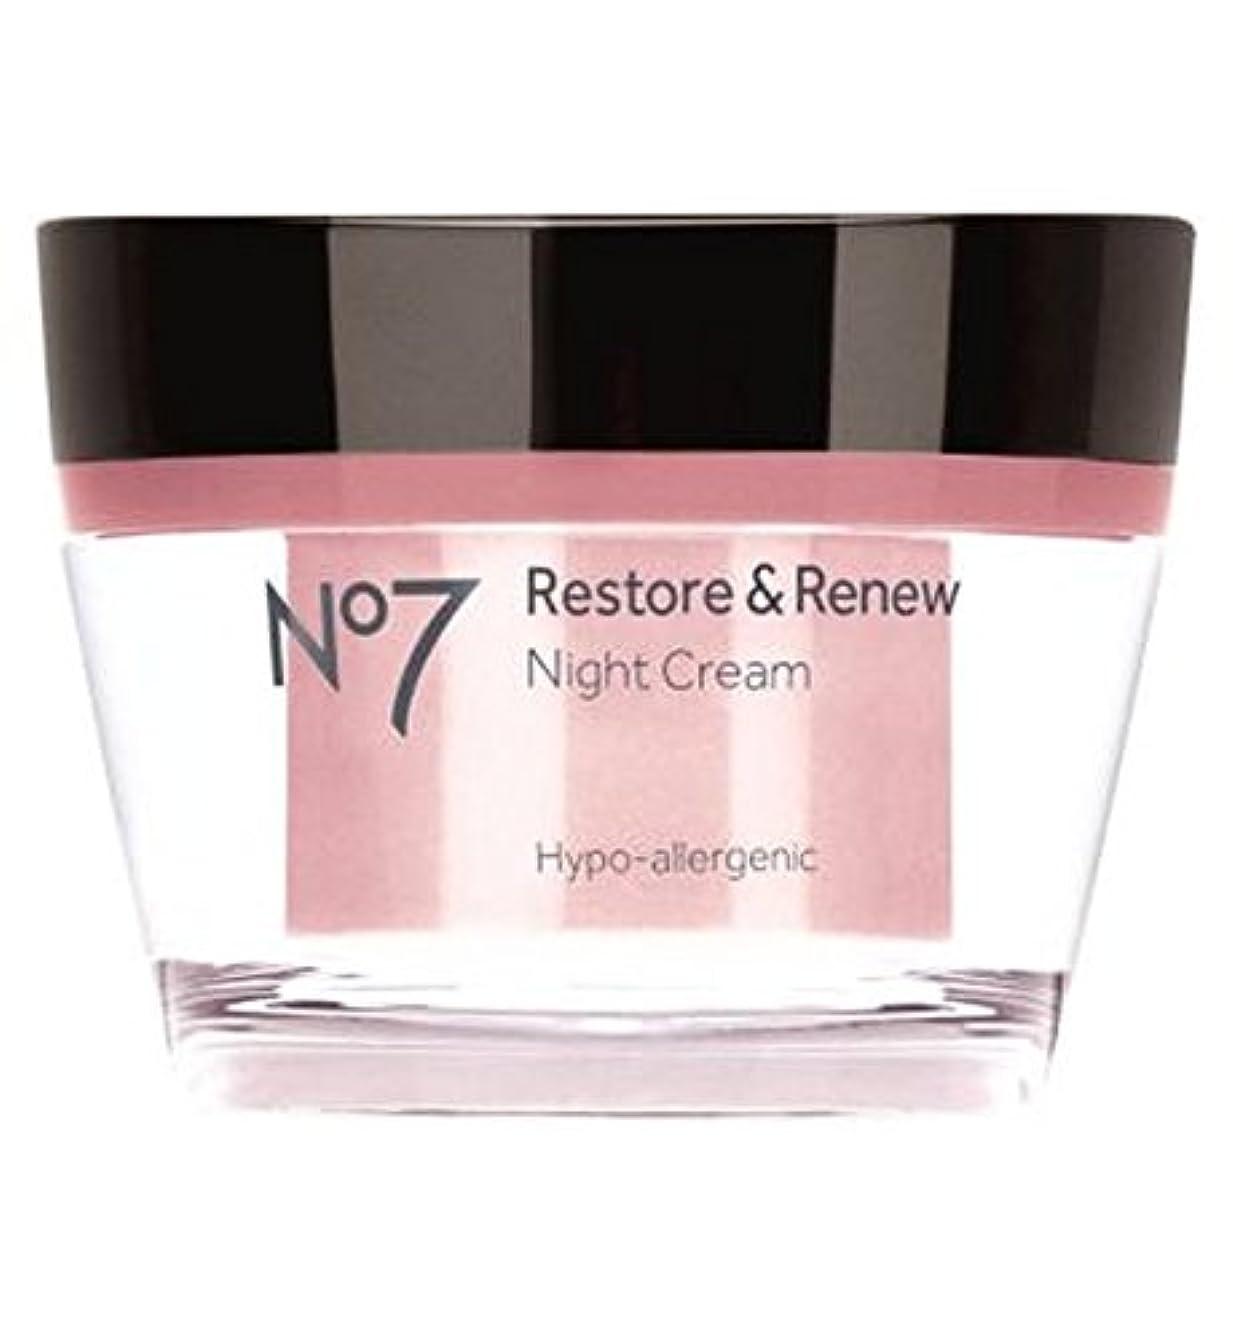 獣虚弱配列No7 Restore & Renew Night Cream 50ml - No7復元&ナイトクリーム50ミリリットルを更新 (No7) [並行輸入品]